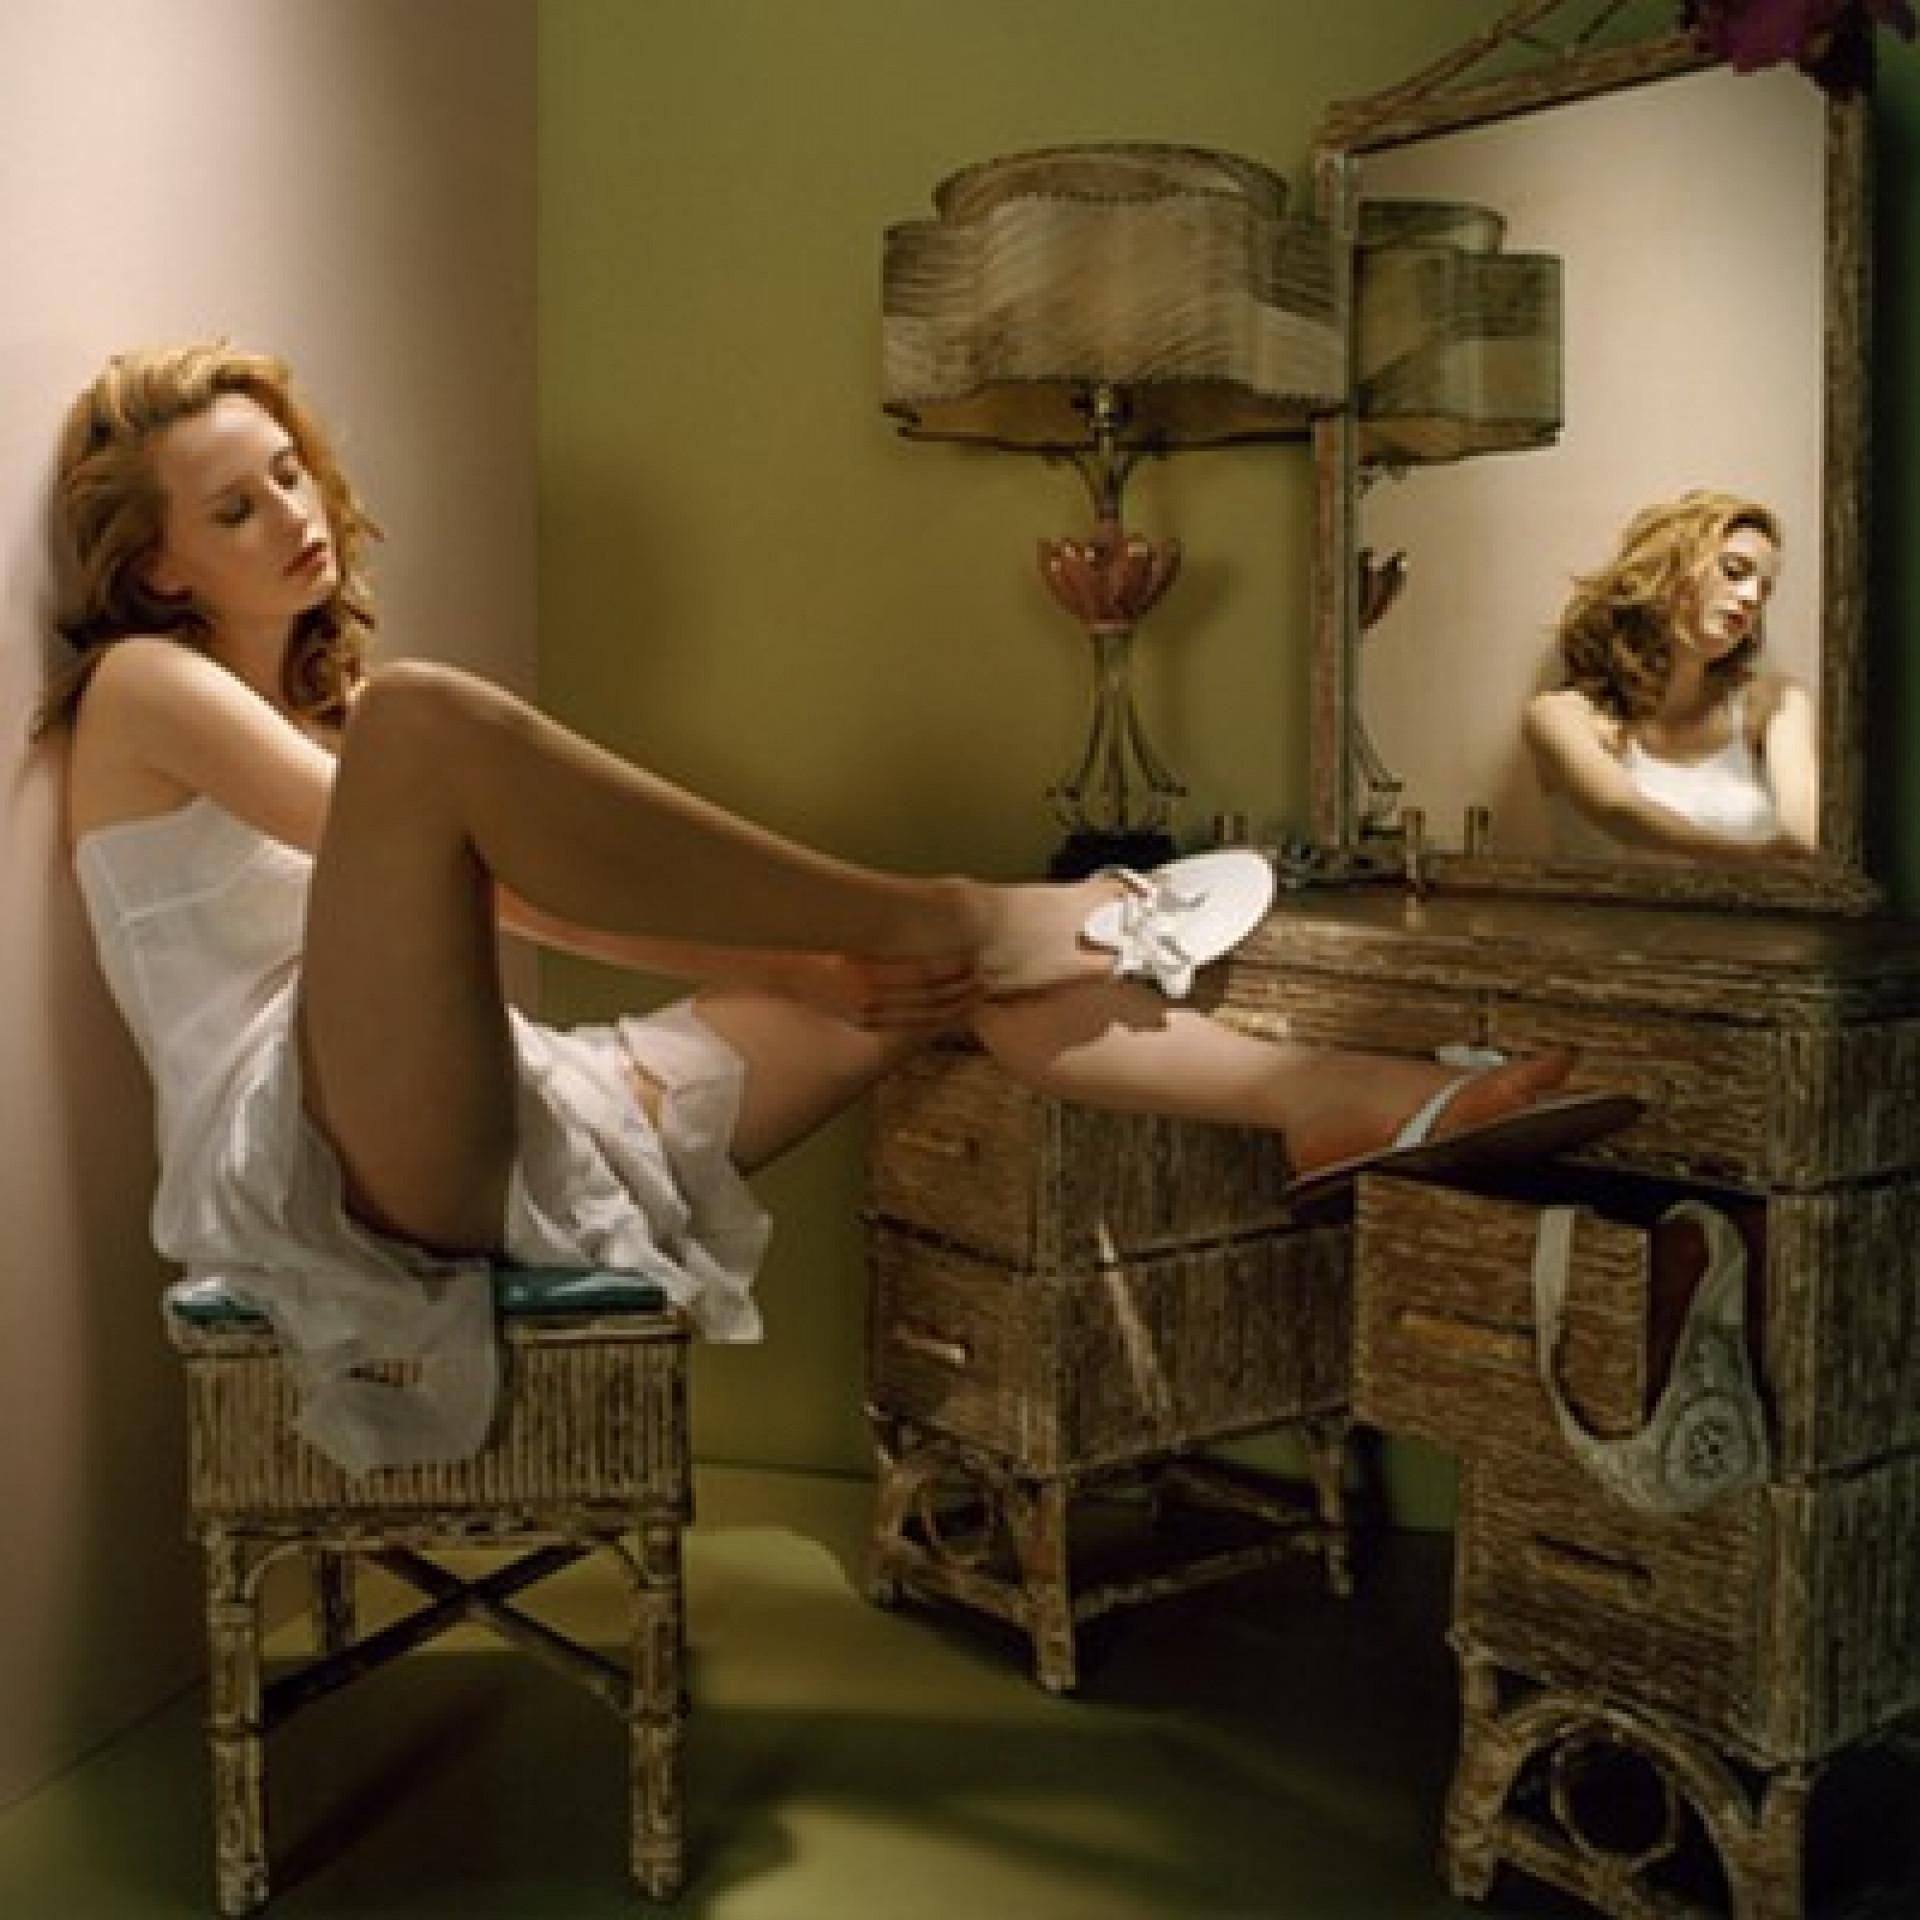 Travaux photographiques de Stéphanie Bernadet, photographe